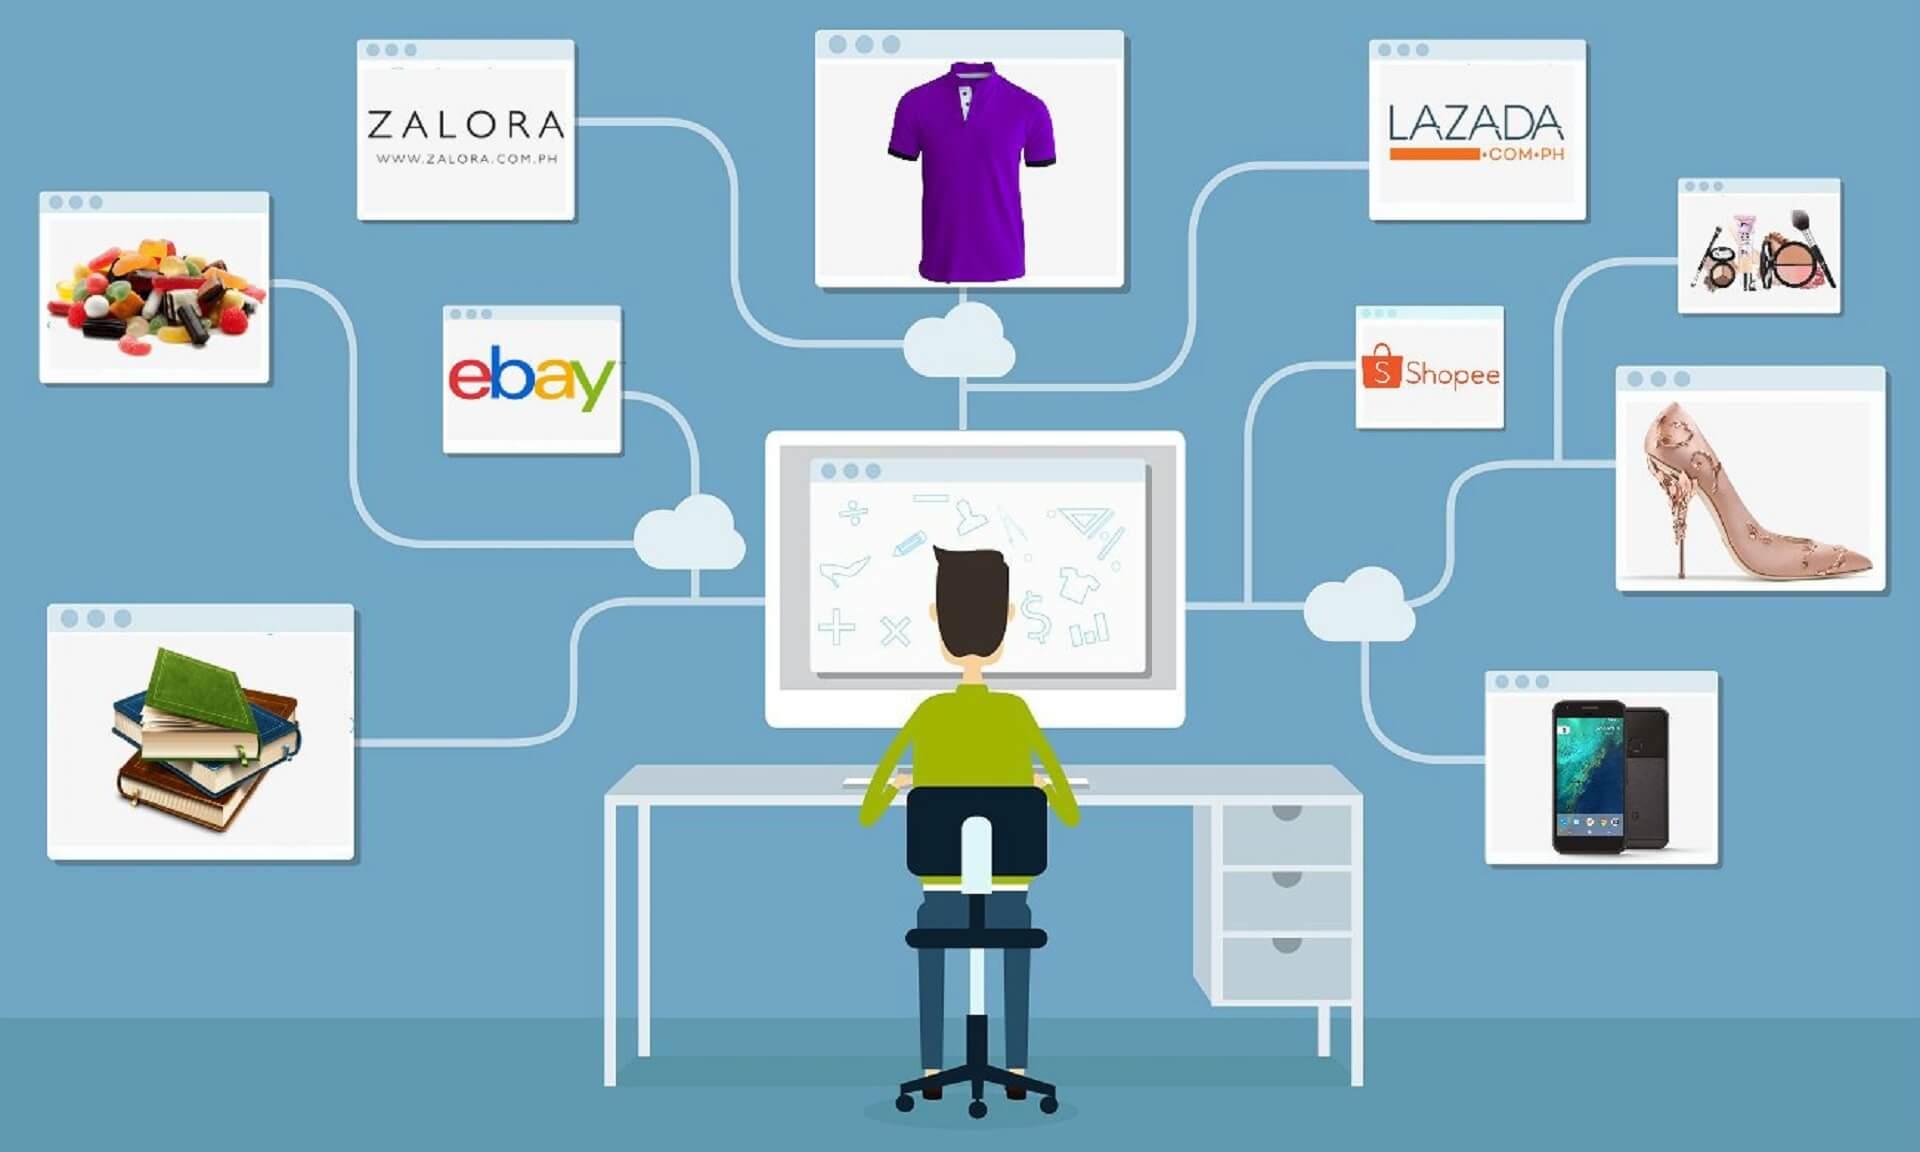 Kinh doanh online: Hướng dẫn 7 bước thực hiện thành công cho người mới